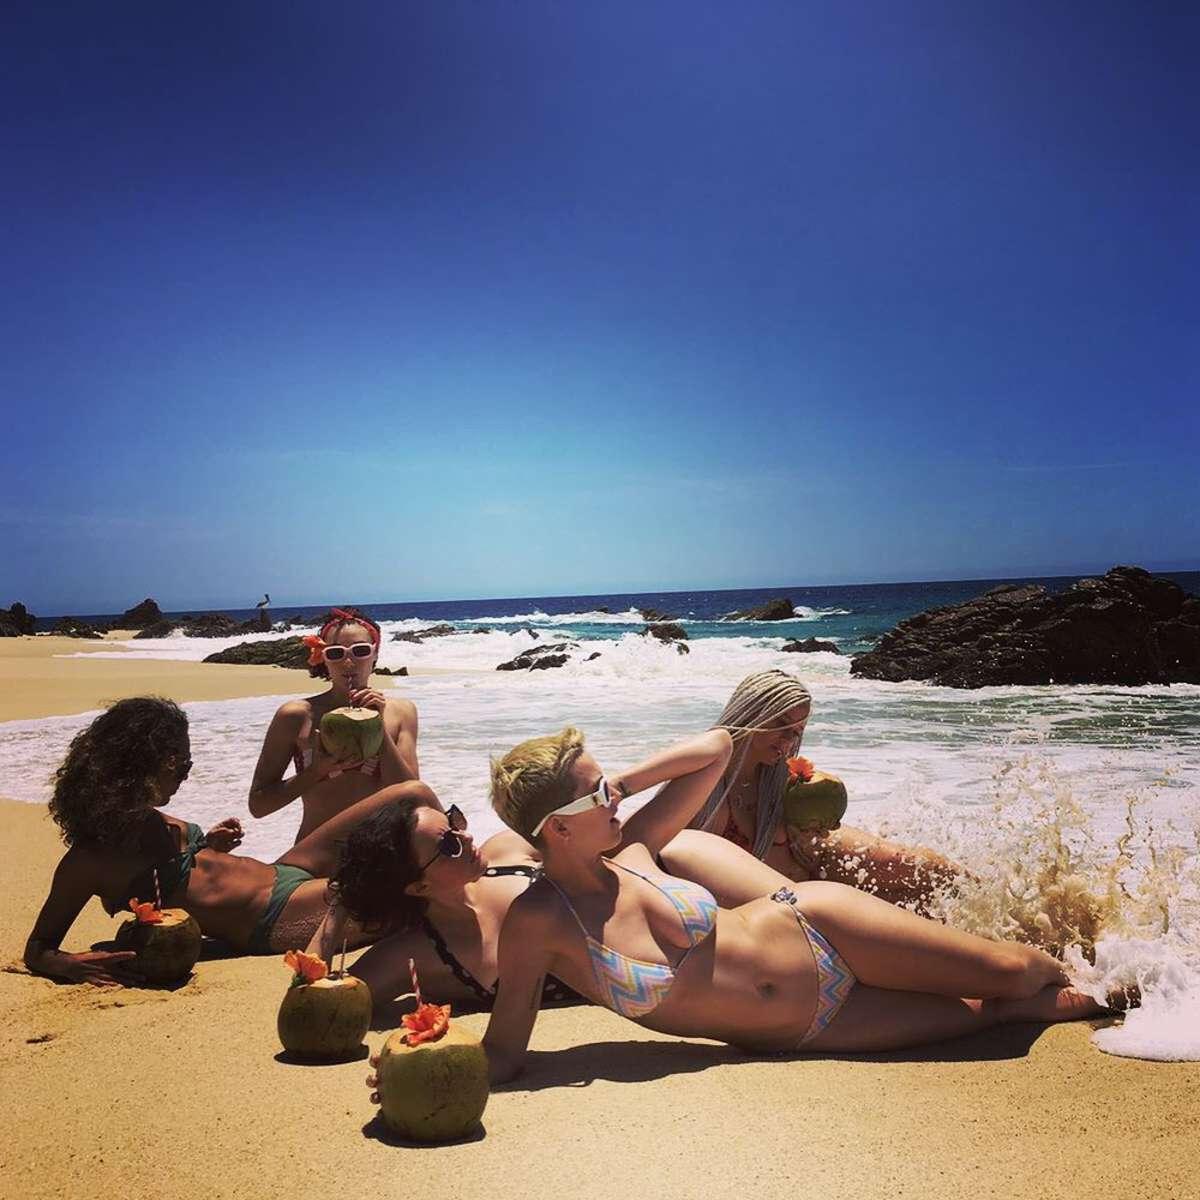 Нудистский пляж в Нью-Джерси: samsebeskazal 44